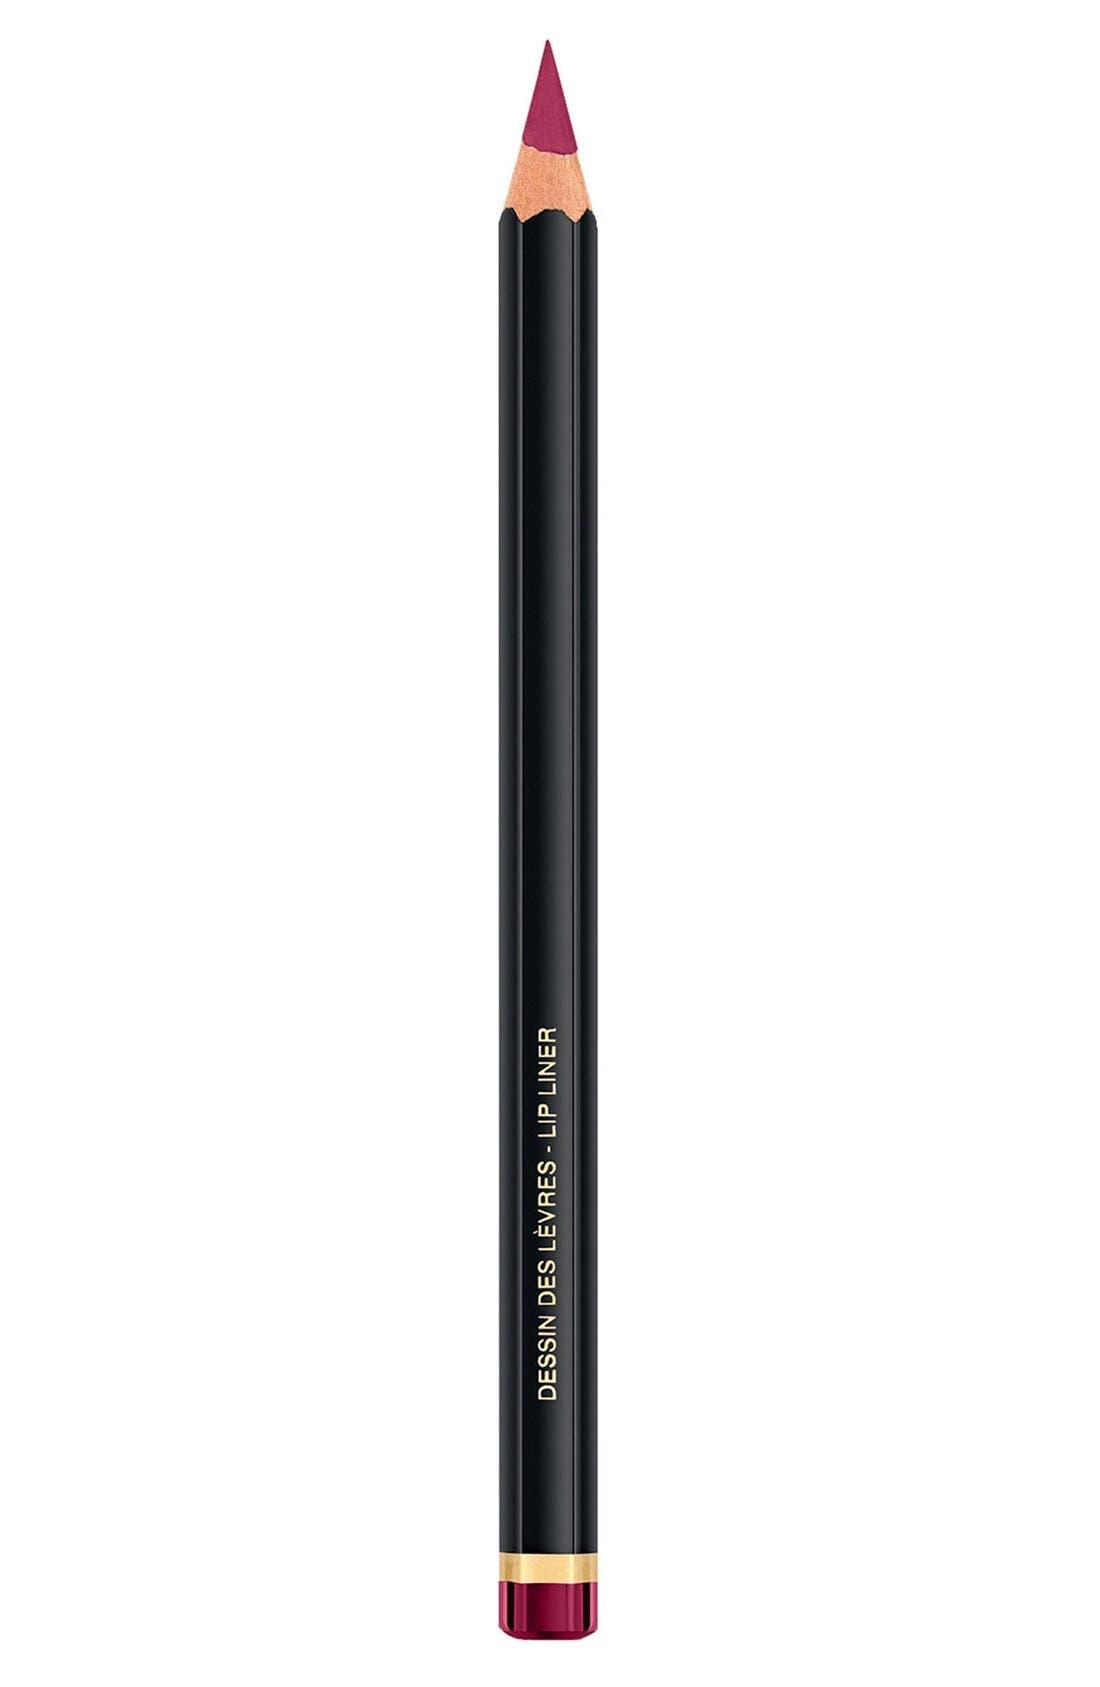 Yves Saint Laurent Lip Liner Pencil